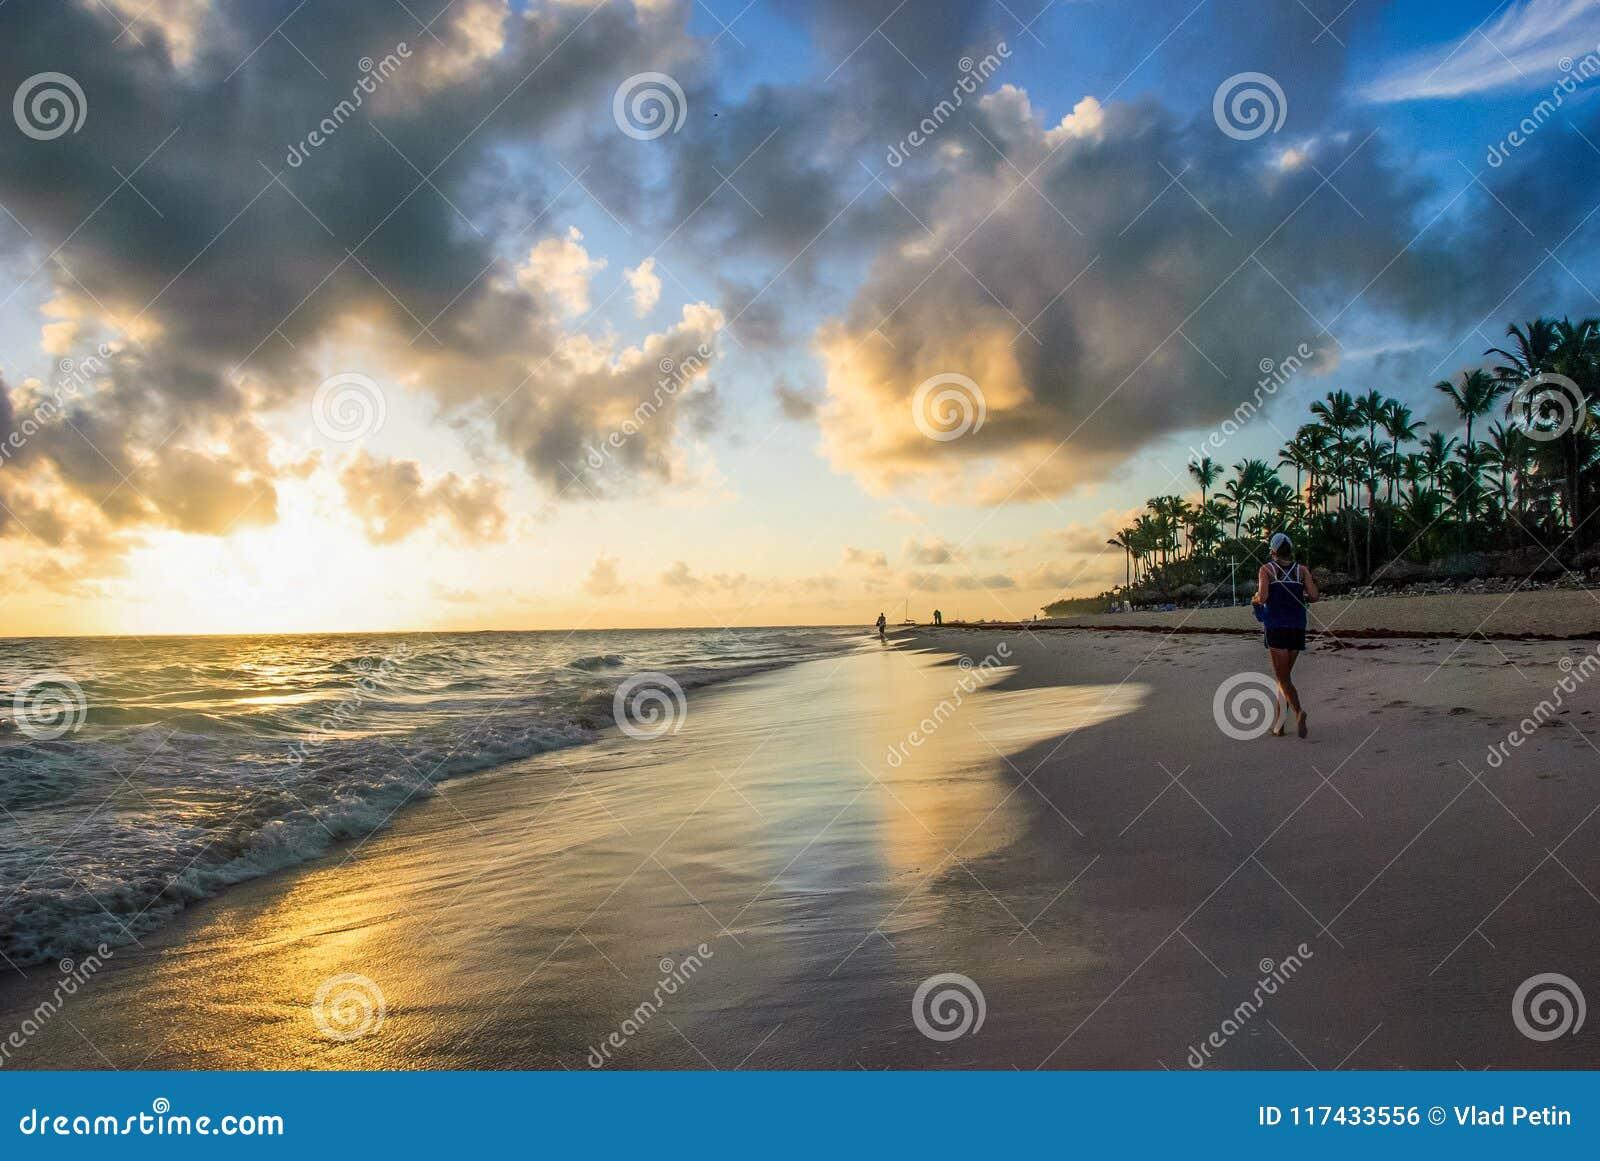 Lever de soleil au-dessus de la plage tropicale